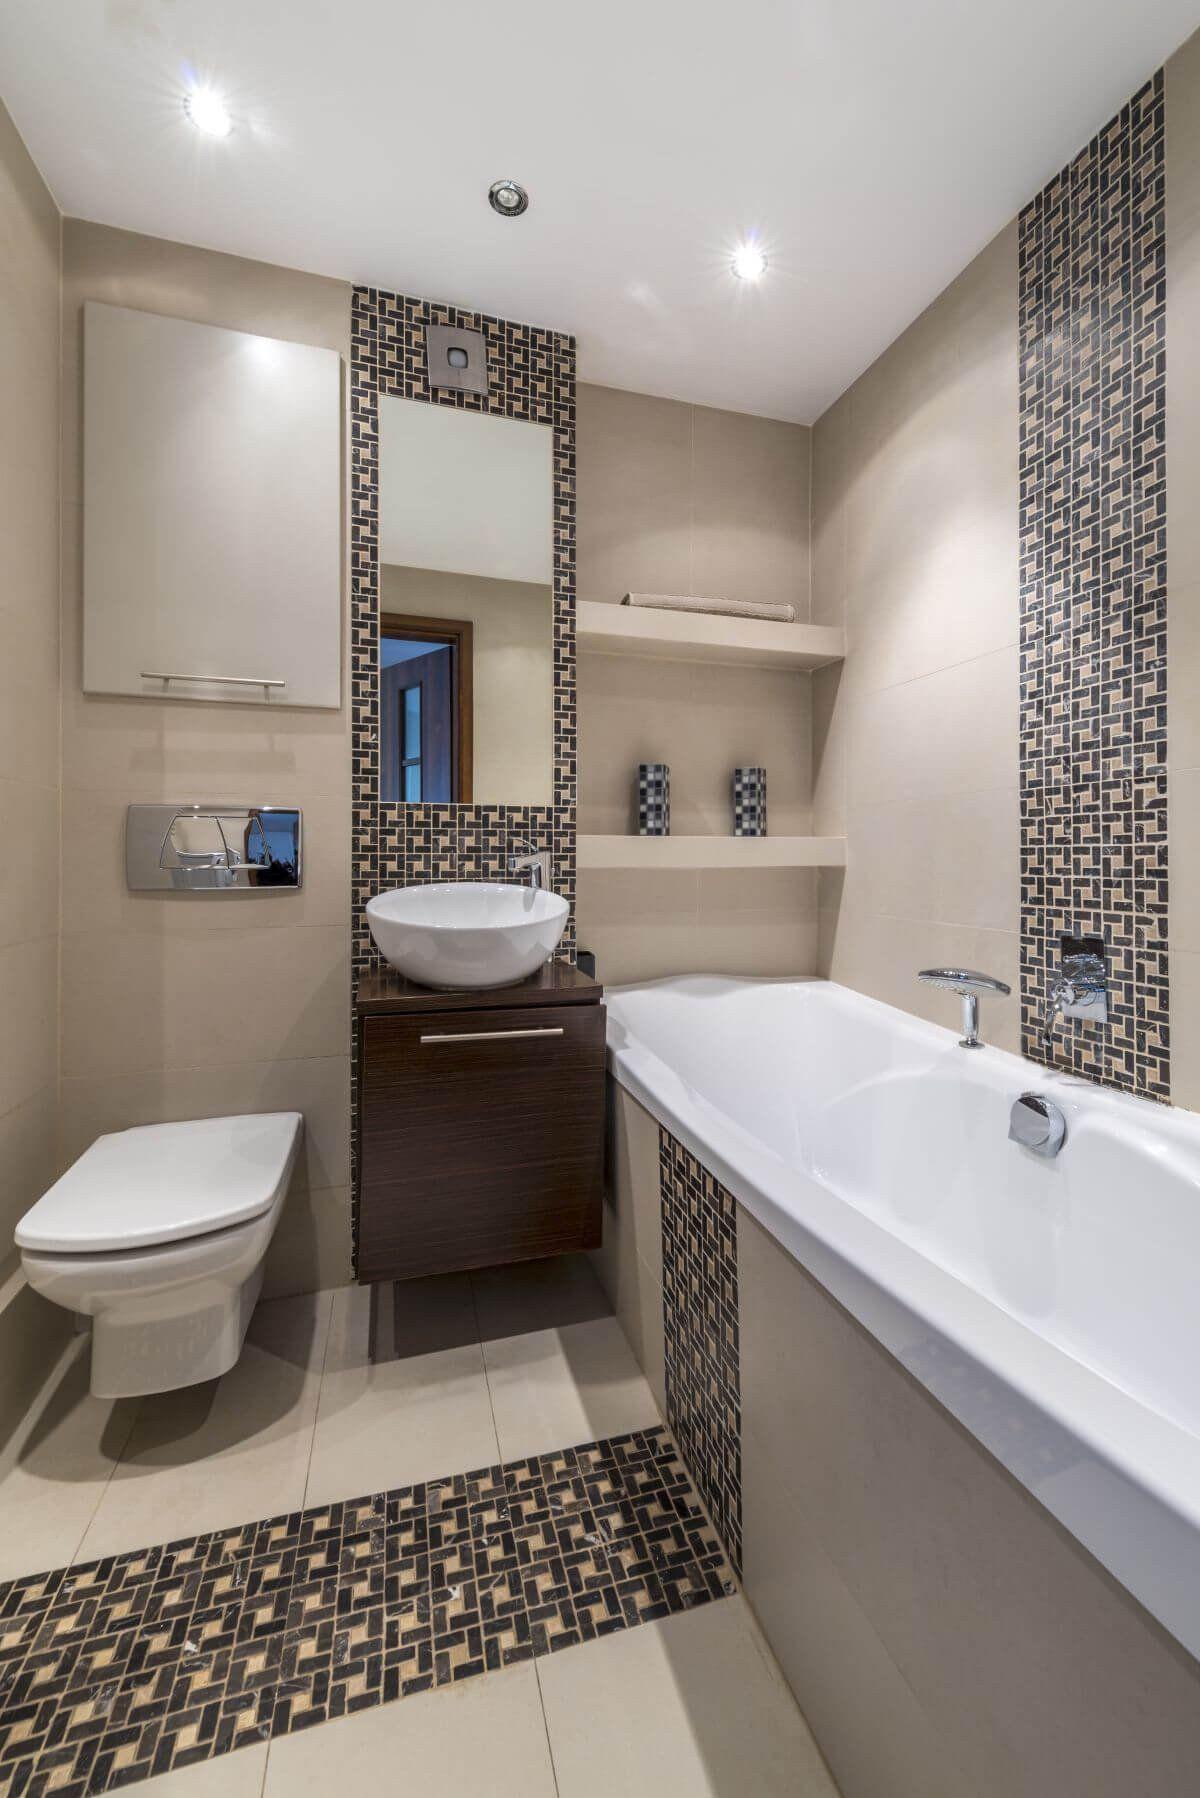 24 Elegant Small Bathroom Decor Ideas Pictures in 2020 ...